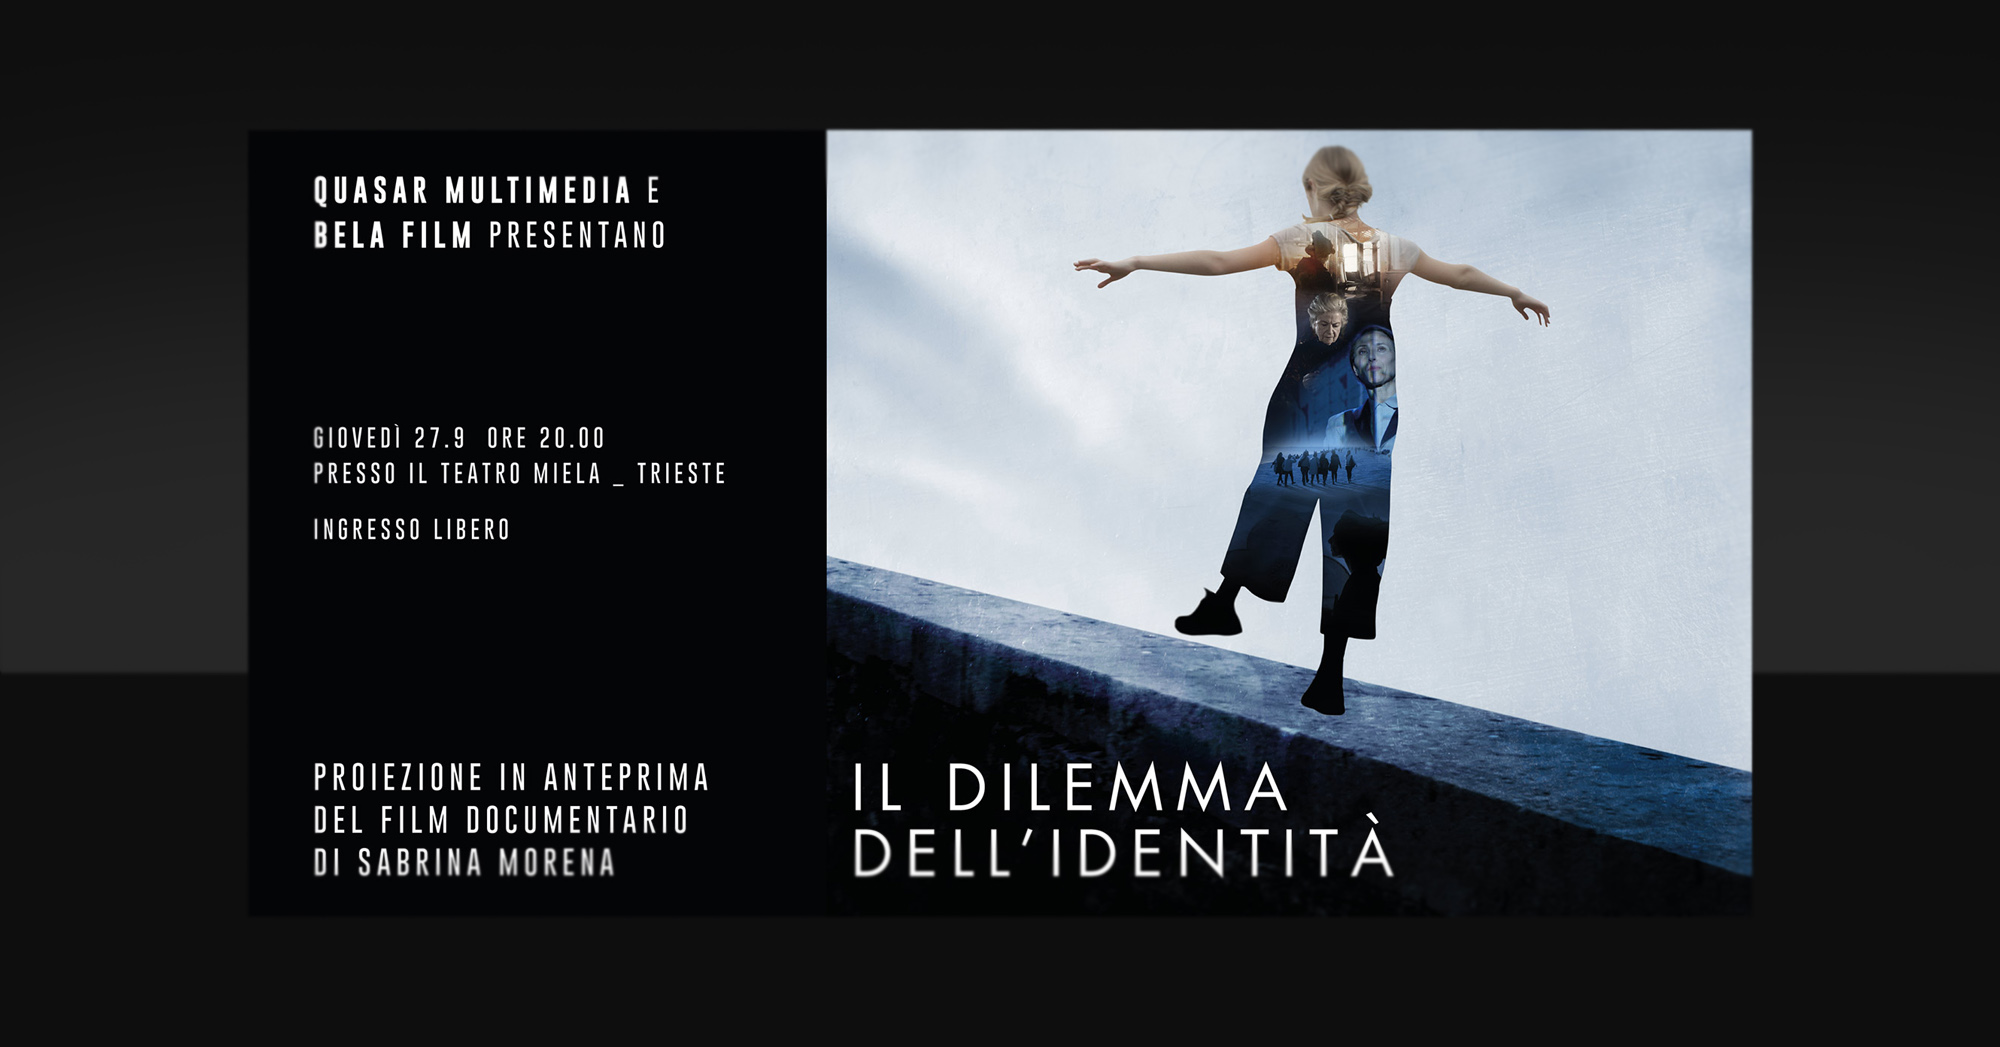 grafica360_dilemma_identita_banner copia